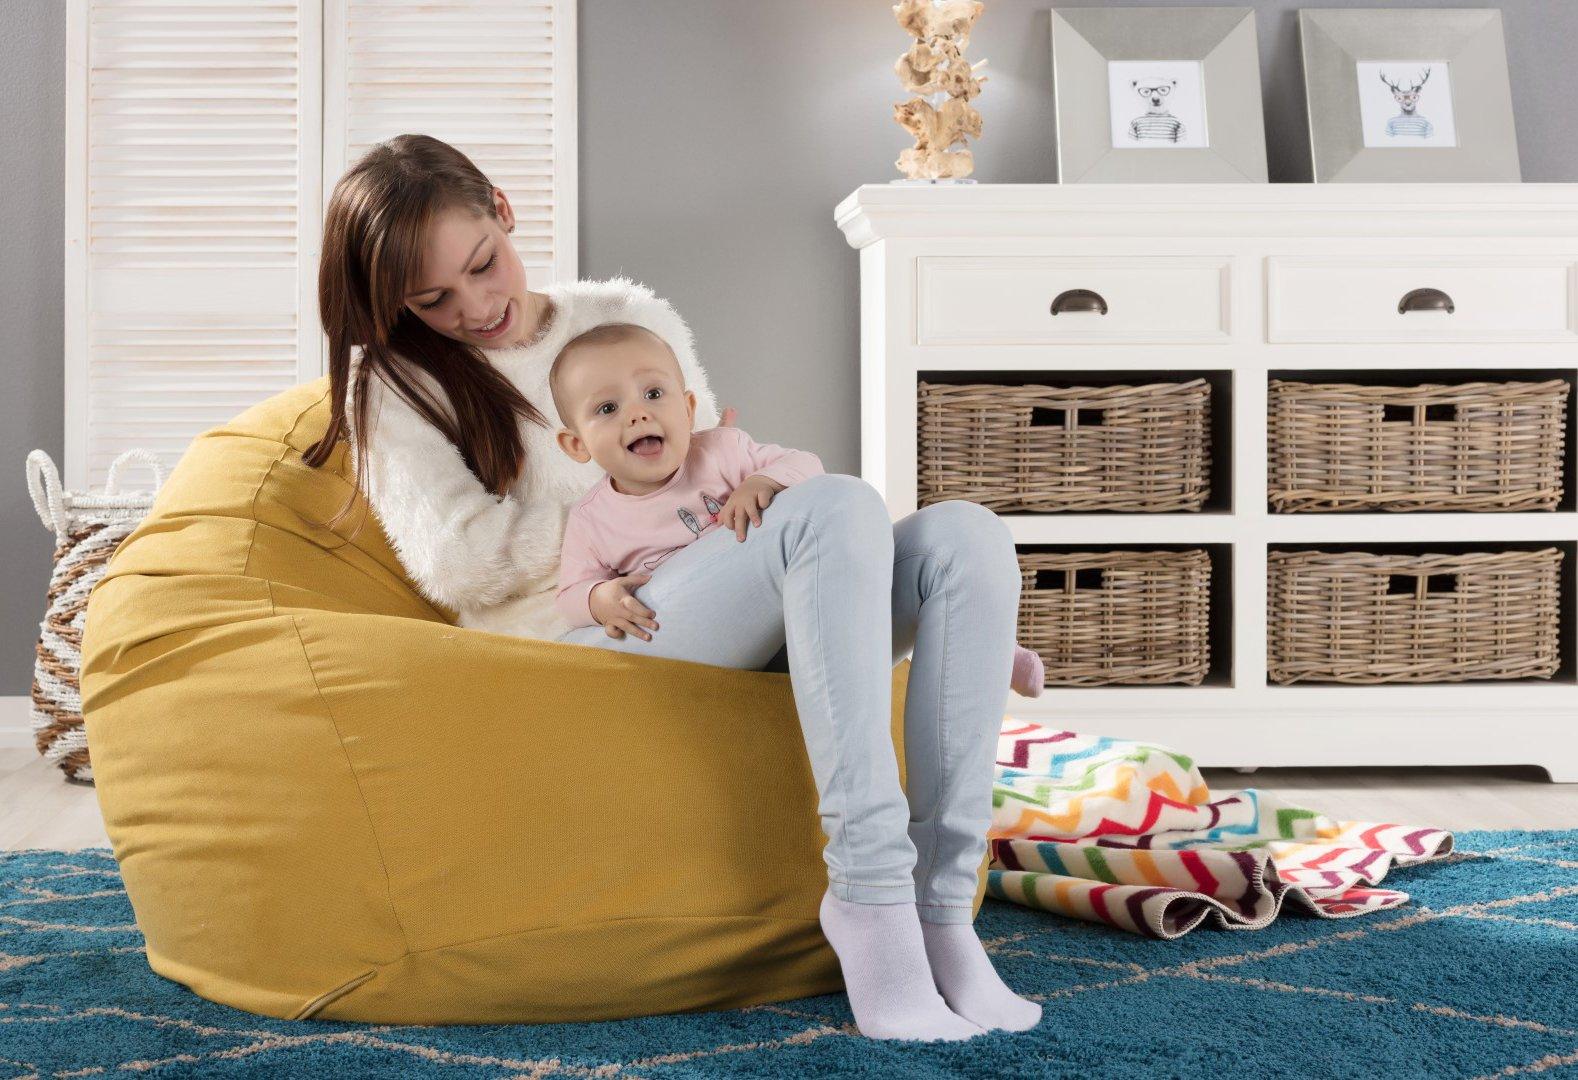 Dětský pokoj v sytých barvách